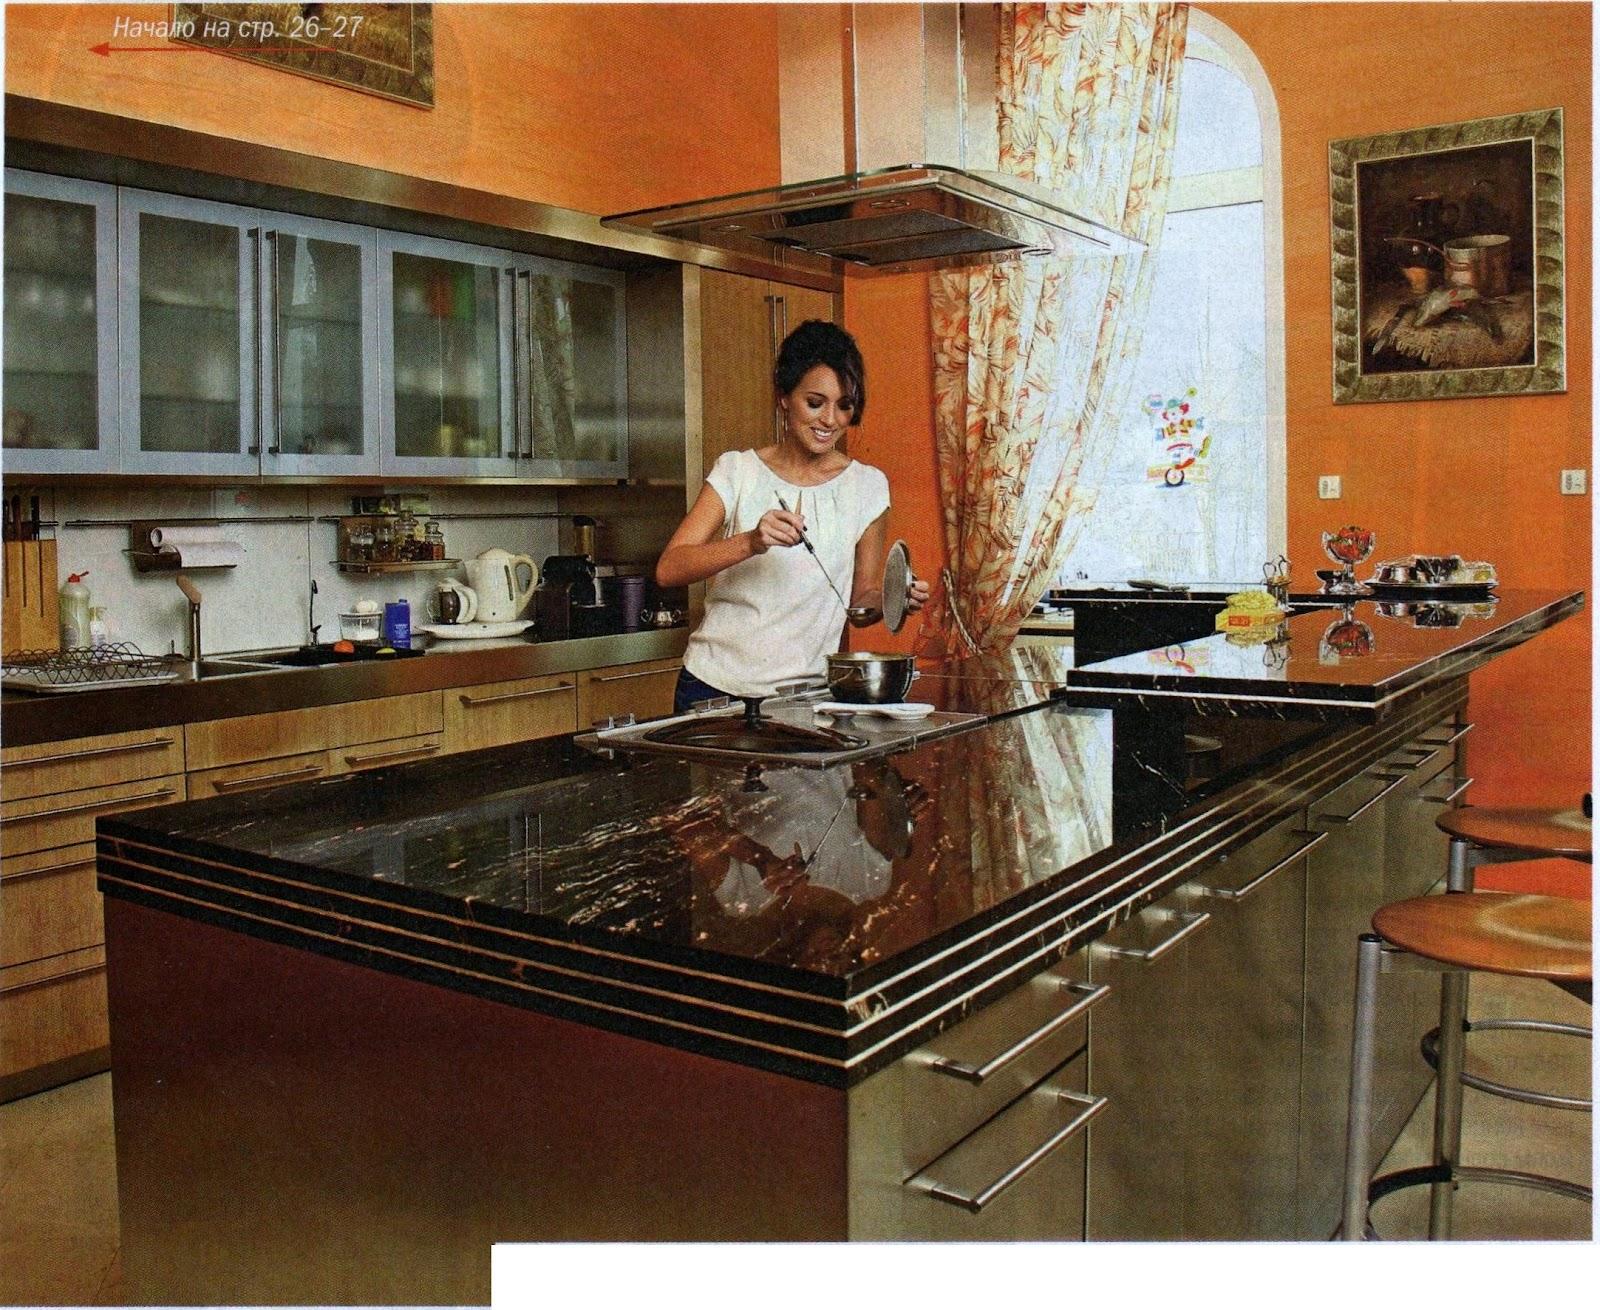 Алсу показала свои безумно шикарные апартаменты: золото, мрамор и карельская береза